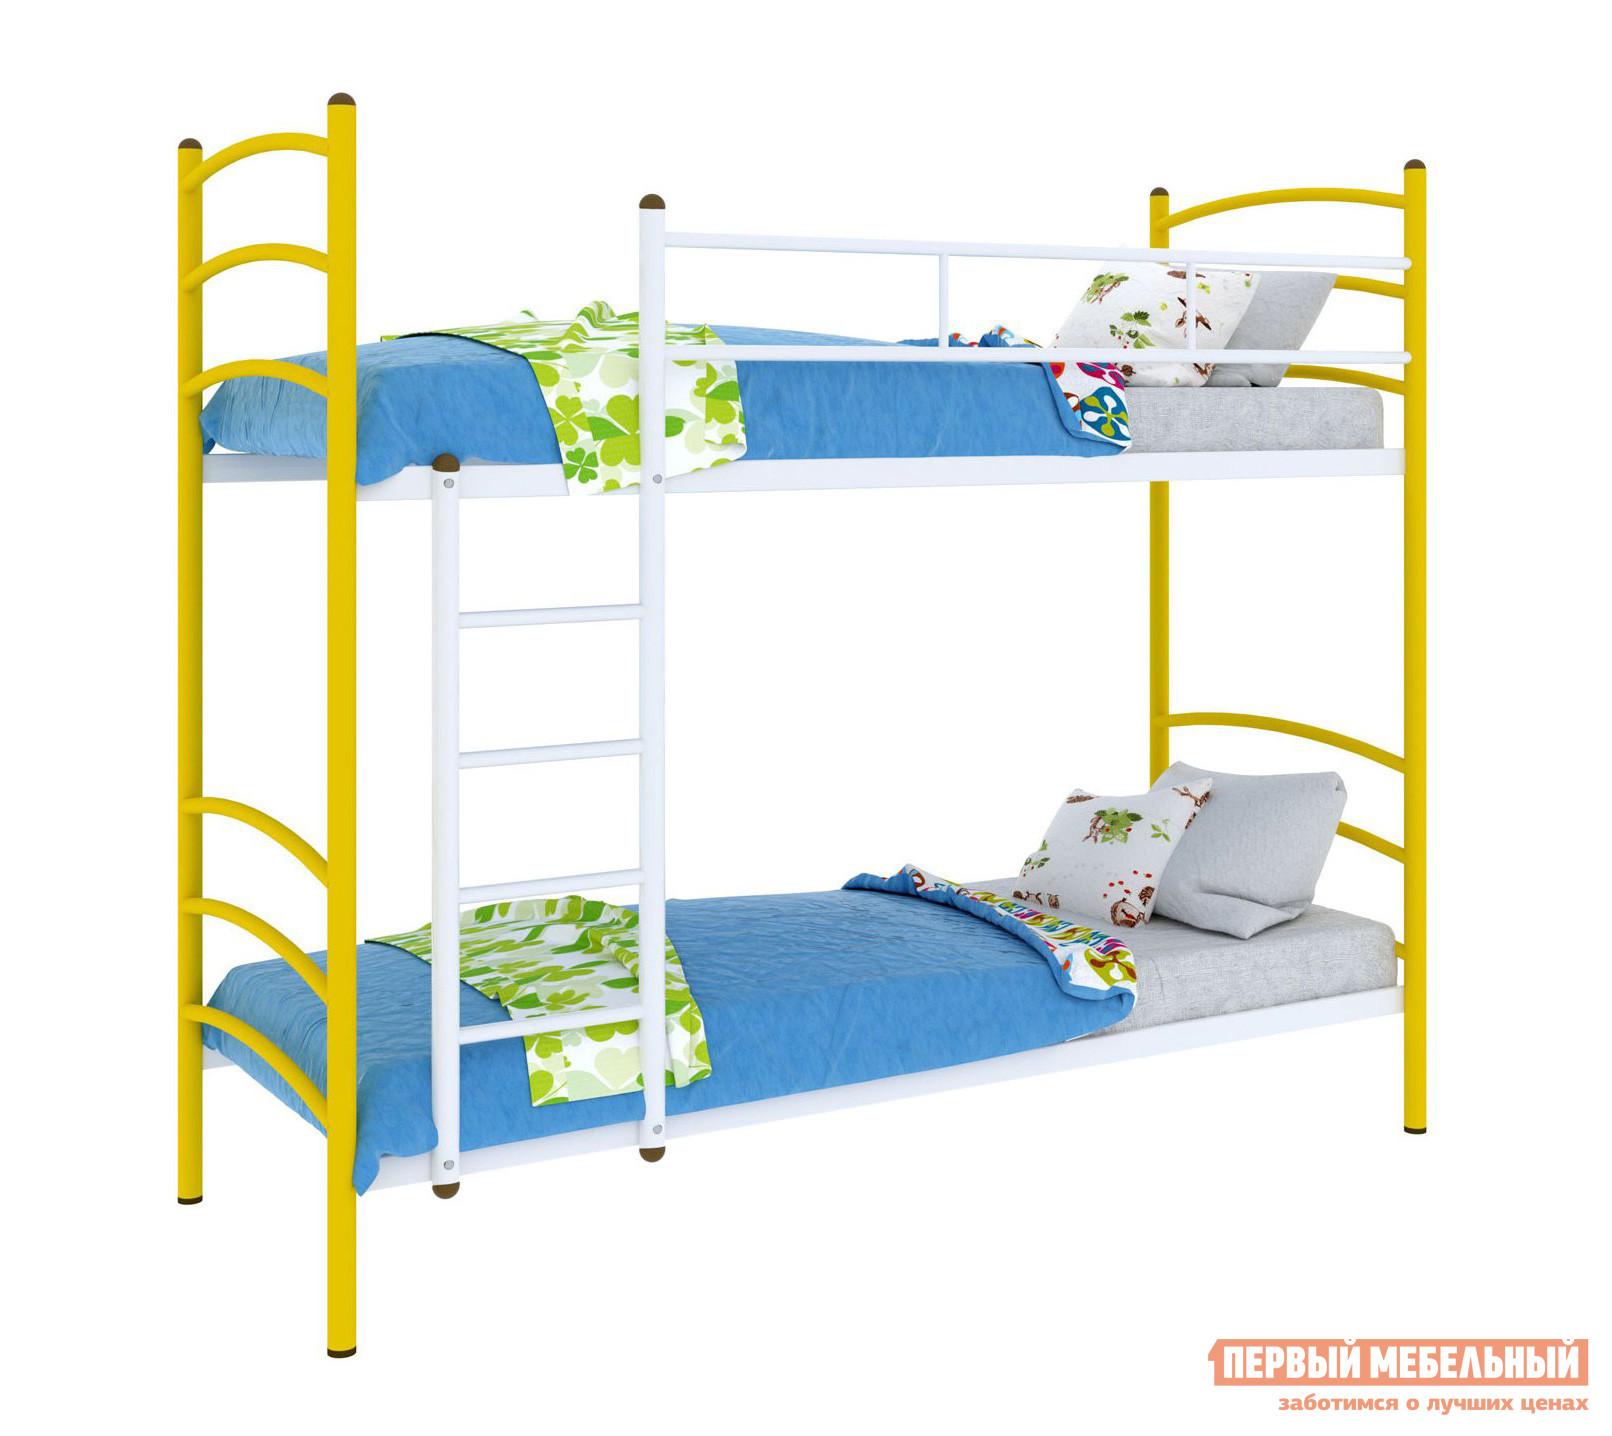 Двухъярусная кровать для взрослых Mebwill Милана Duo лестница слева